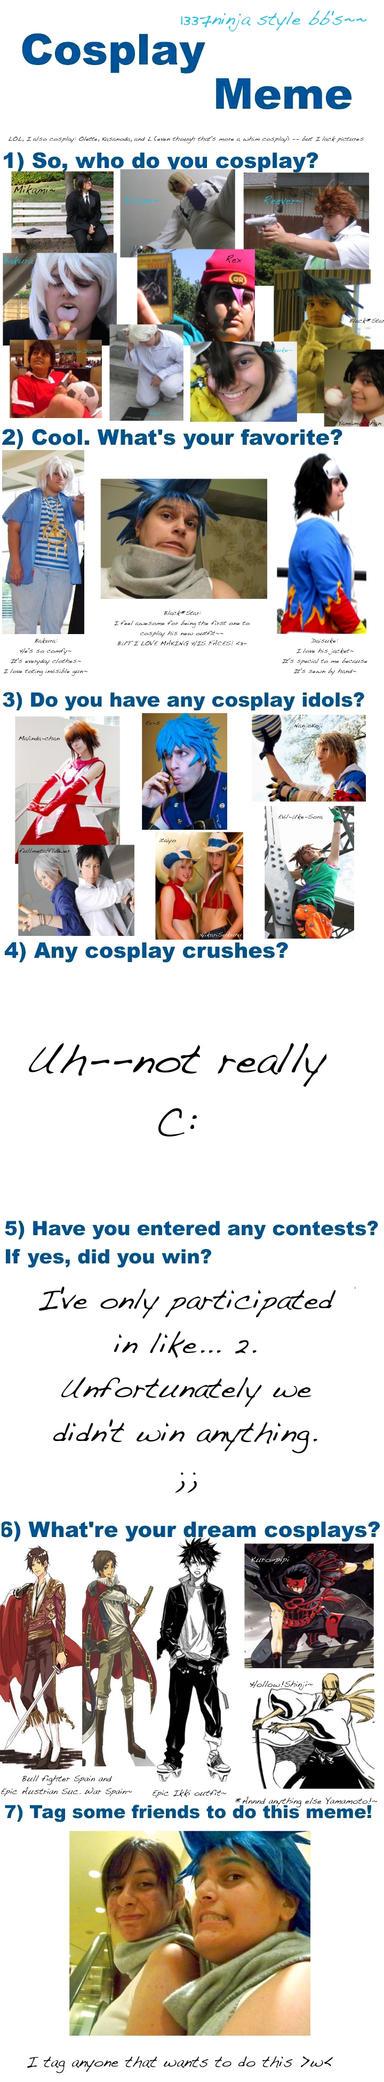 Cosplay Meme by 1337ni33j4